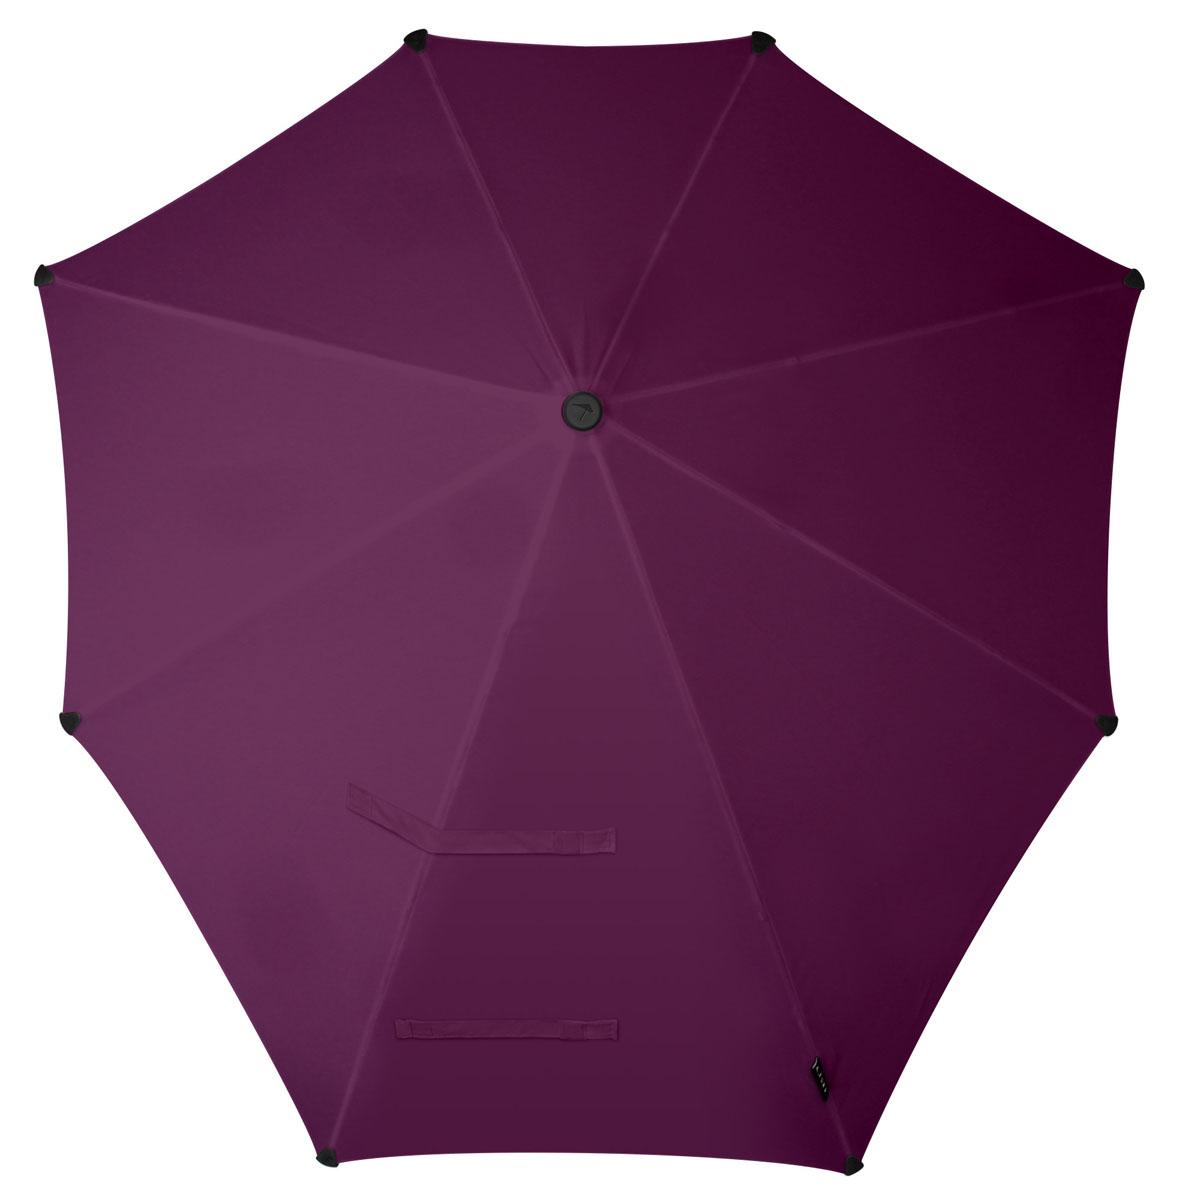 Зонт-трость Senz, цвет: фиолетовый. 20110702011070Инновационный противоштормовый зонт-трость, выдерживающий любую непогоду. Входит в коллекцию urban breeze, разработанную в соответствии с современными течениями fashion-индустрии. Зонт Senz отлично дополнит образ, подчеркнет индивидуальность и вкус своего обладателя. Форма купола продумана так, что вы легко найдете самое удобное положение на ветру – без паники и без борьбы со стихией. Закрывает спину от дождя. Благодаря своей усовершенствованной конструкции, зонт не выворачивается наизнанку даже при сильном ветре. Модель Senz Original выдержала испытания в аэротрубе со скоростью ветра 100 км/ч. Характеристики: - тип — трость - выдерживает порывы ветра до 100 км/ч - УФ-защита 50+ - удобная мягкая ручка - безопасные колпачки на кончиках спицах - в комплекте прочный чехол из плотной ткани с лямкой на плечо - гарантия 2 года Размер купола: 90 х 87 см, длина в сложенном виде - 79 см. Весит 440 г.